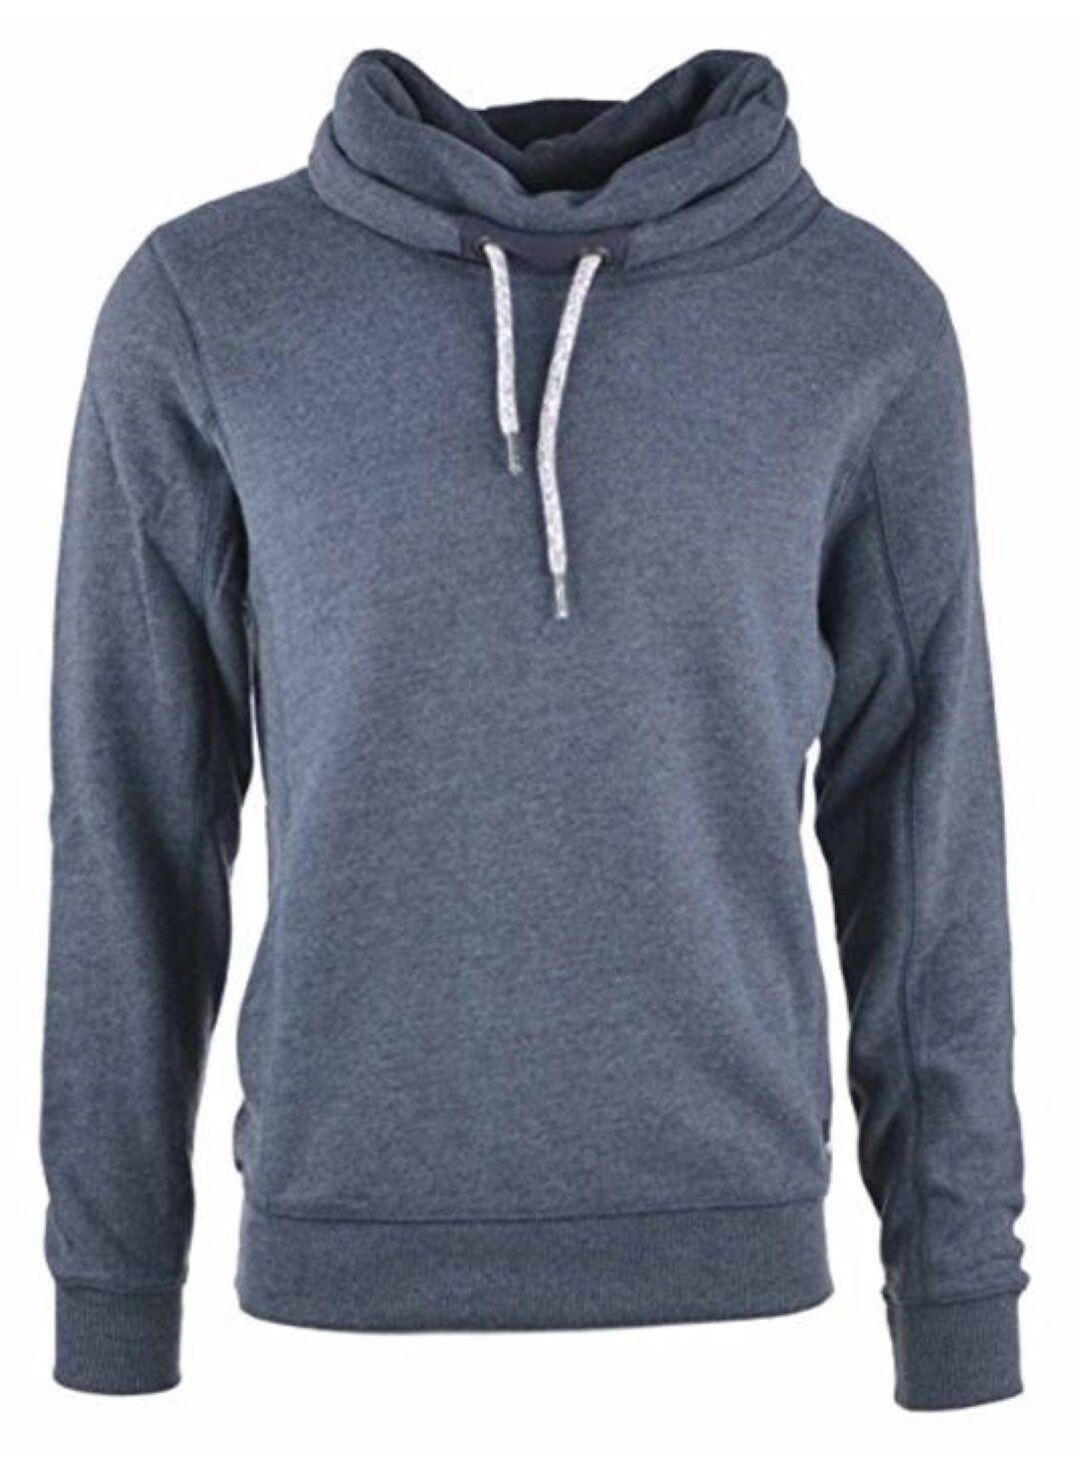 Tom Tailor Herren Rollkragen Sweatshirt Pullover dunkelblau snood sweater Gr.XXL